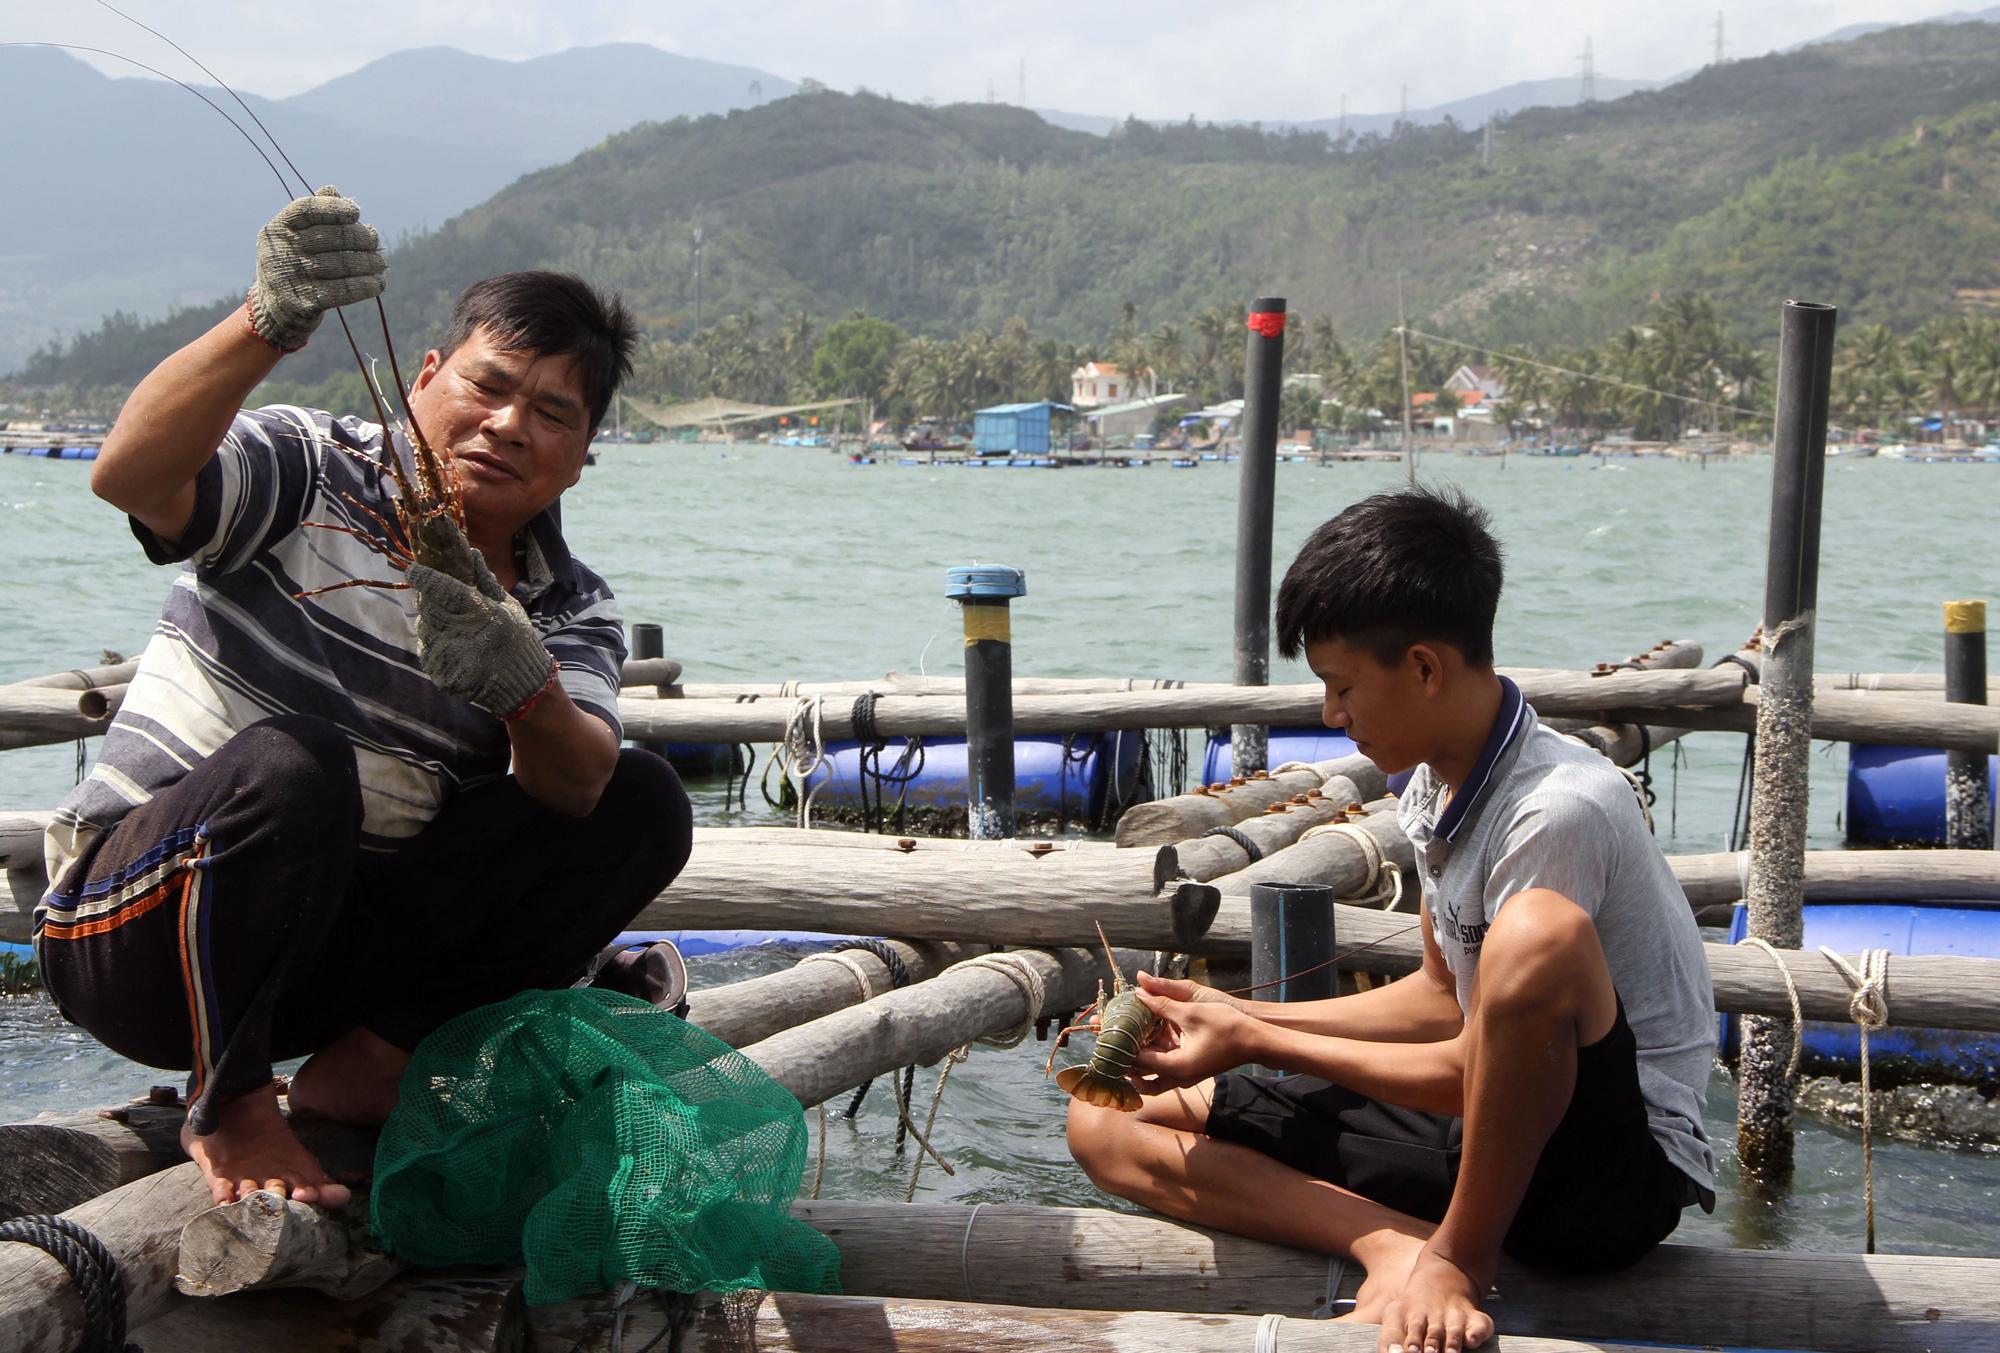 Sự thật về giá tôm hùm ở Phú Yên chỉ 200.000 đồng/kg - Ảnh 5.